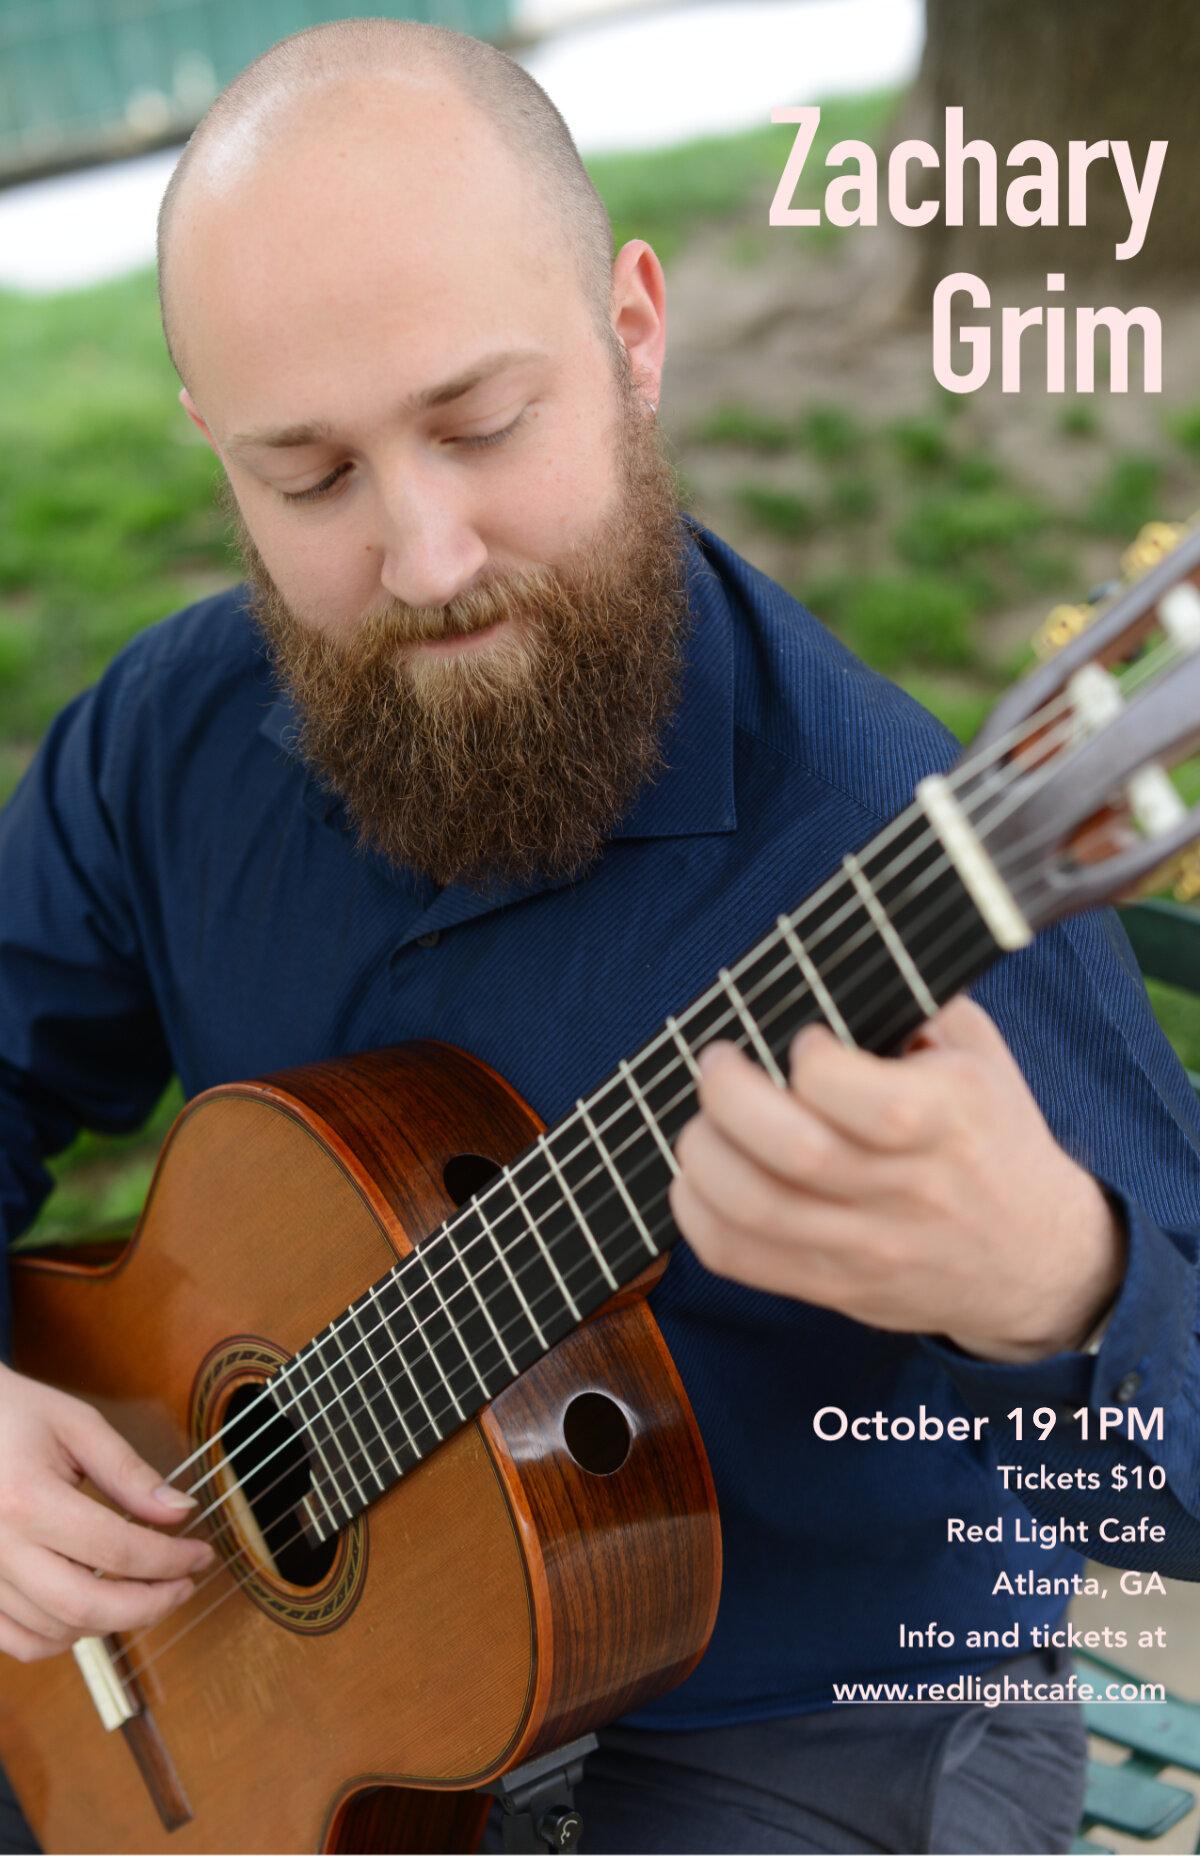 Zachary Grim: The New Guitar — October 19, 2019 — Red Light Café, Atlanta, GA